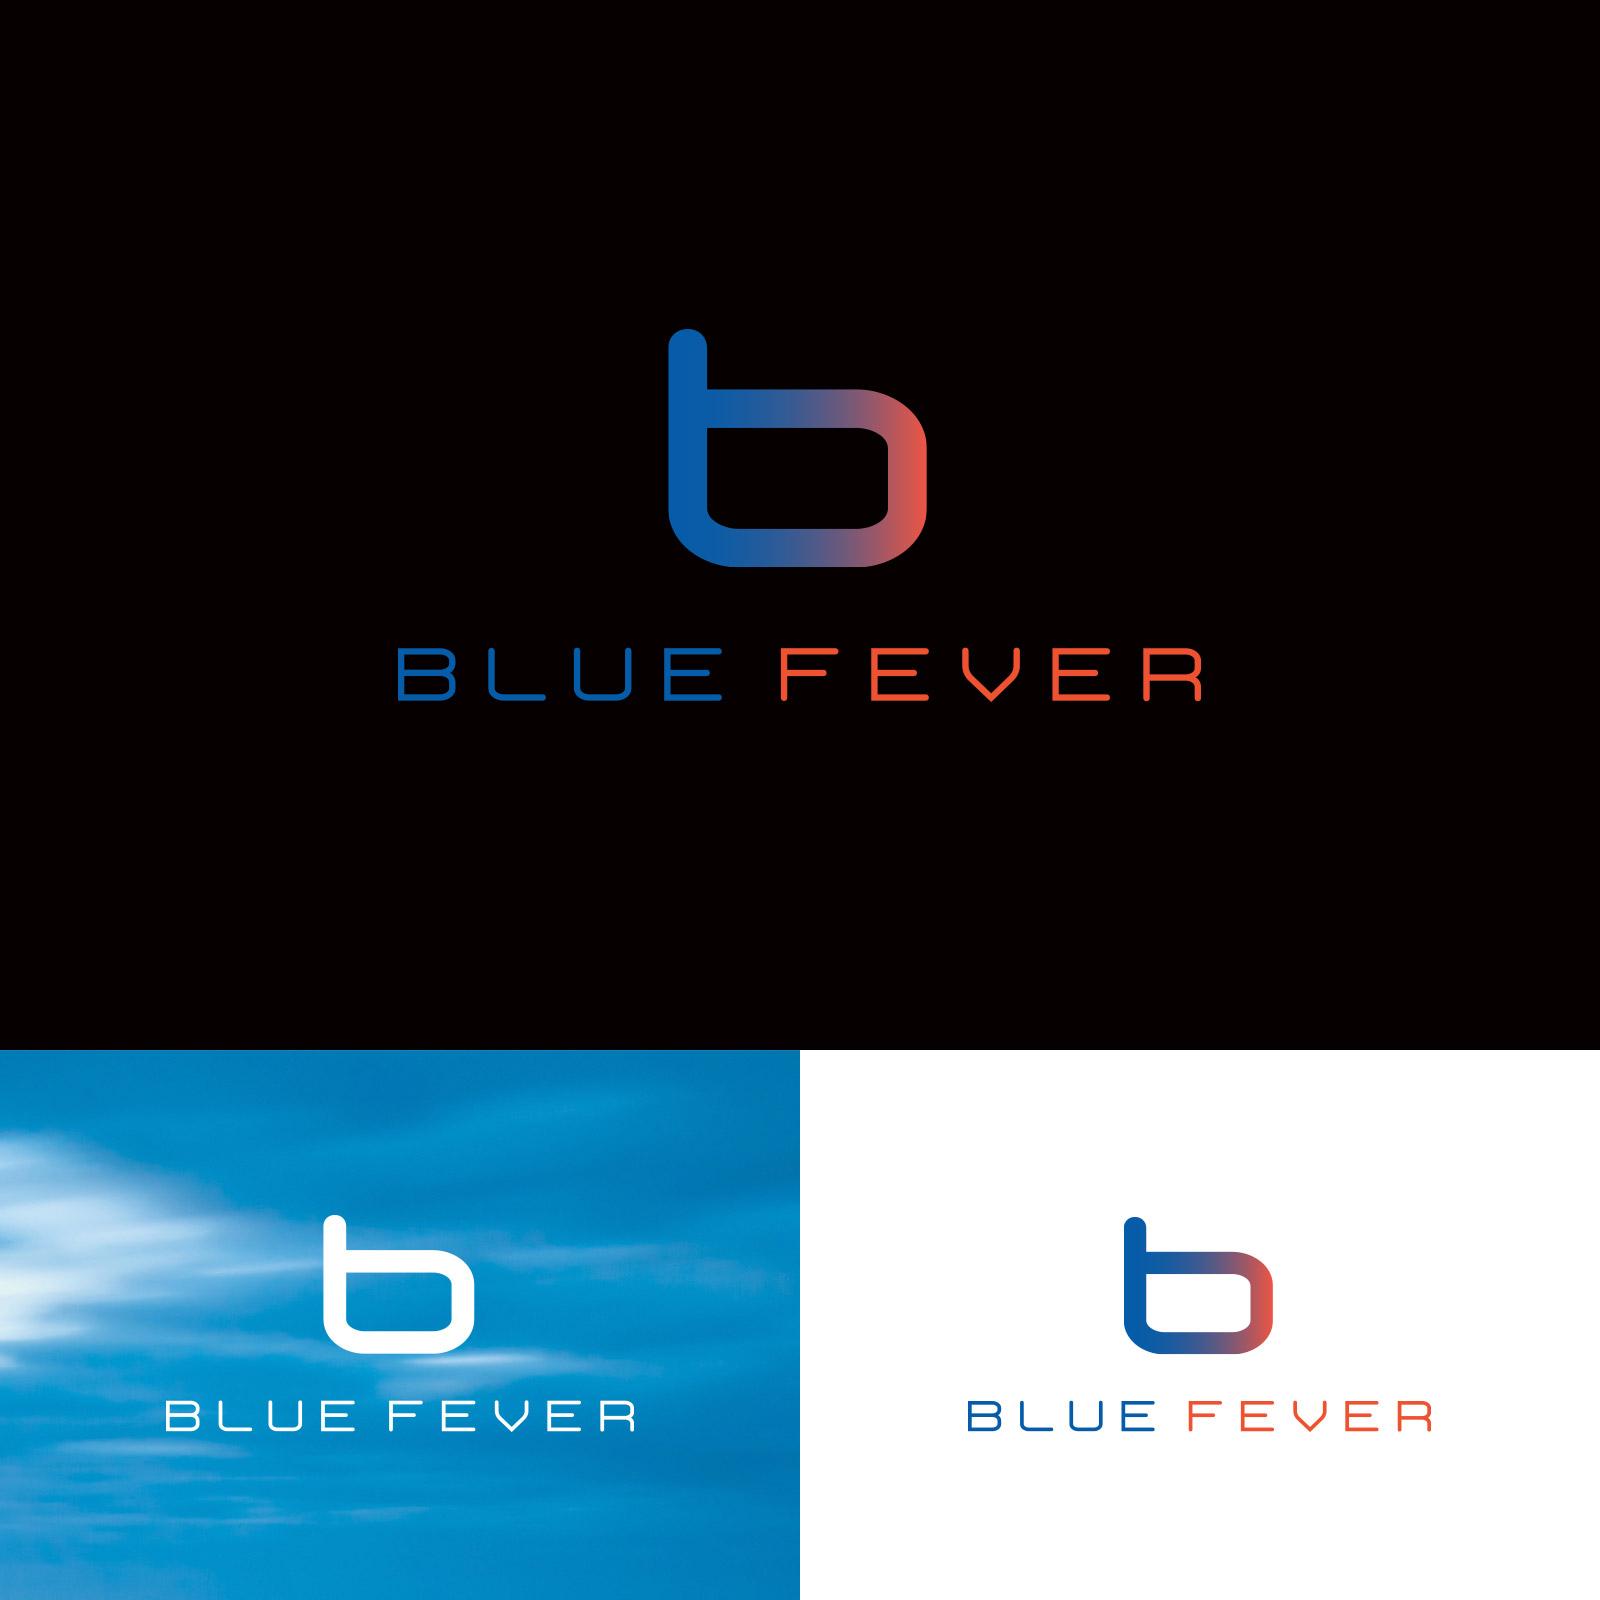 bf-branding